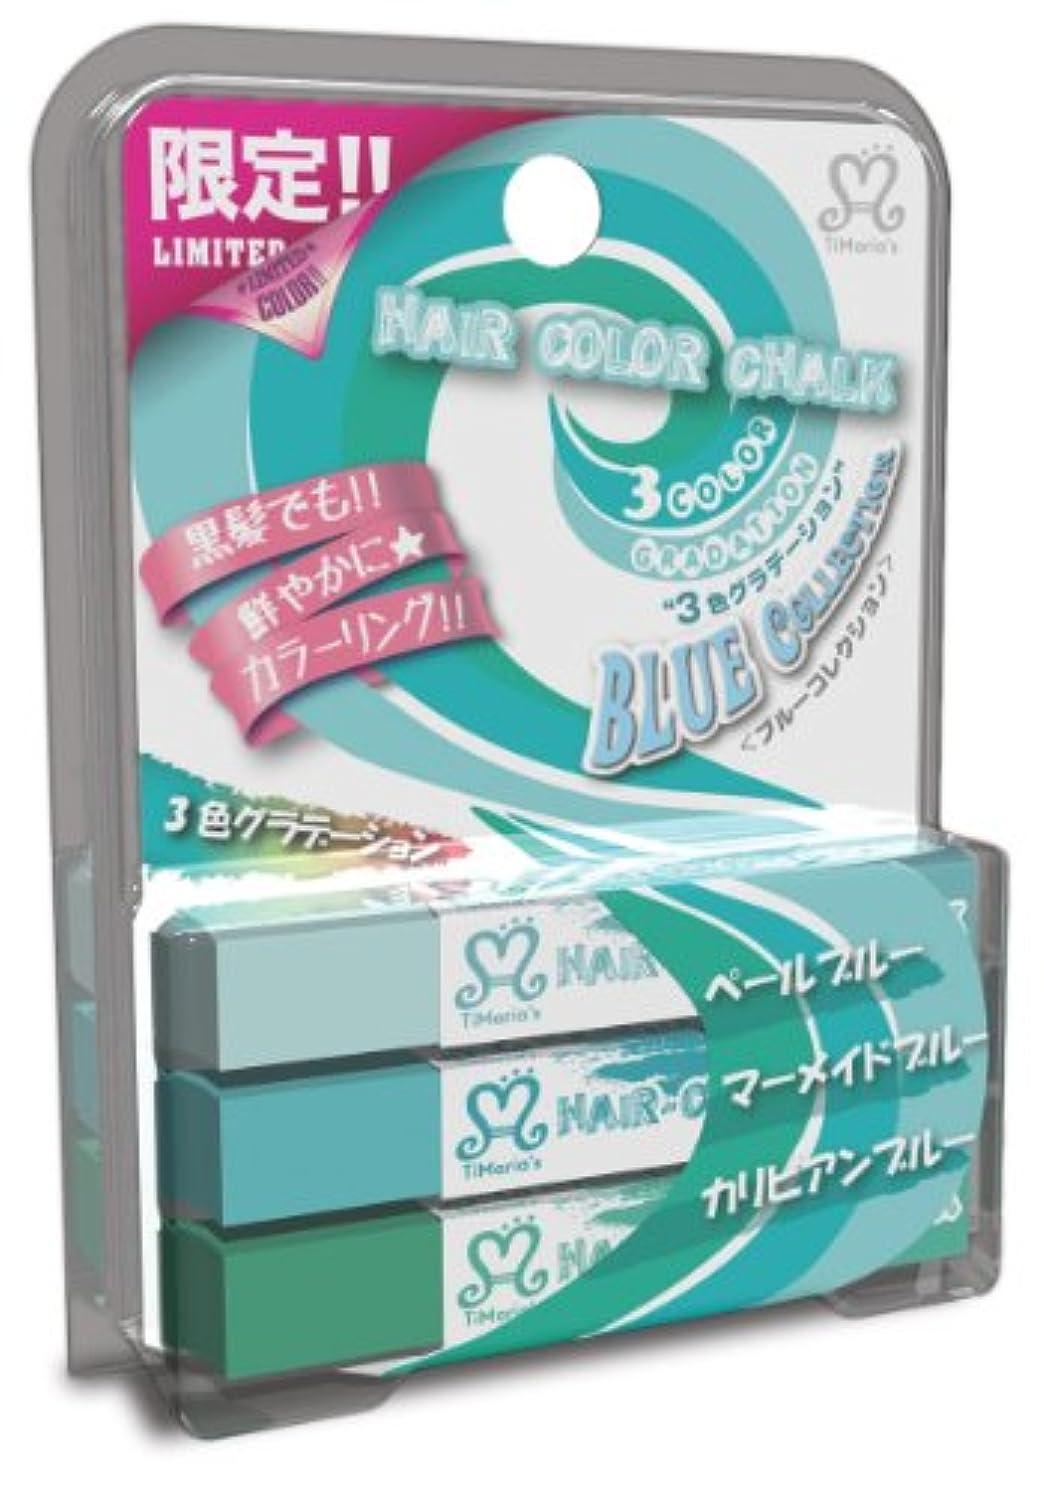 ミキサーダイヤル法的ティーマリアーズ ヘアカラーチョーク プレミアム3色セット ブルー